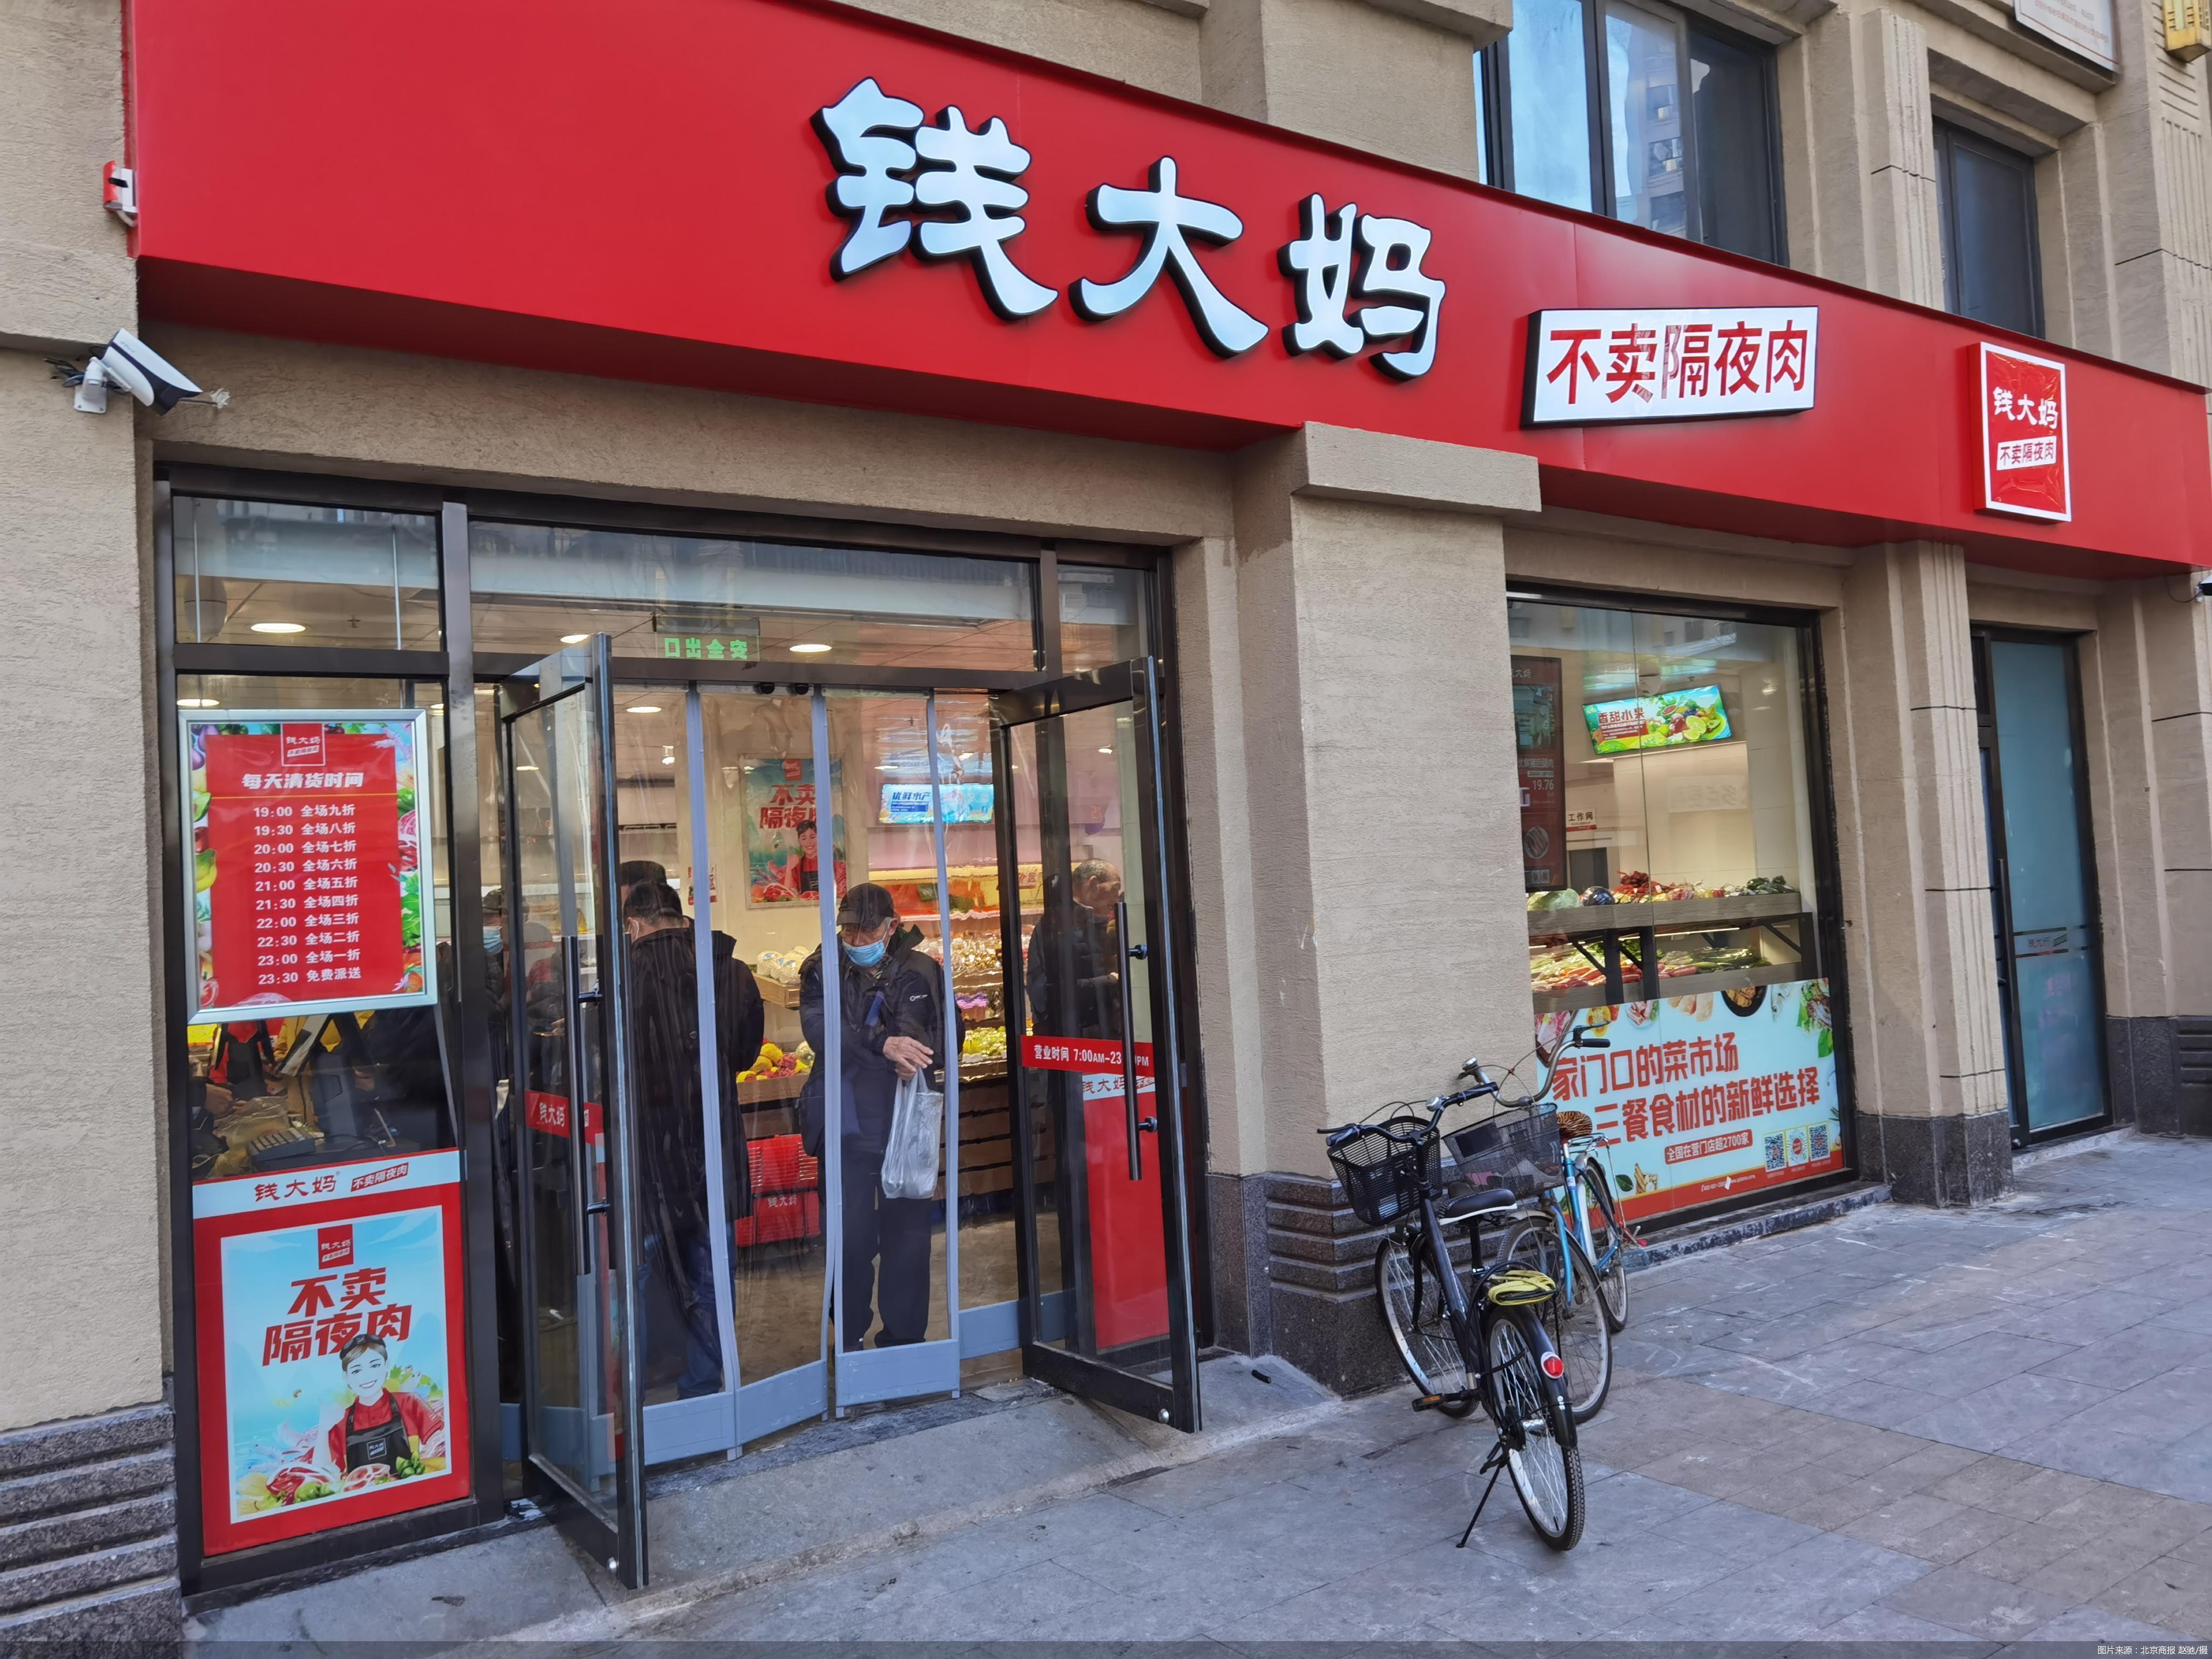 钱大妈传计划年底上市 能否抢占生鲜社区零售高地